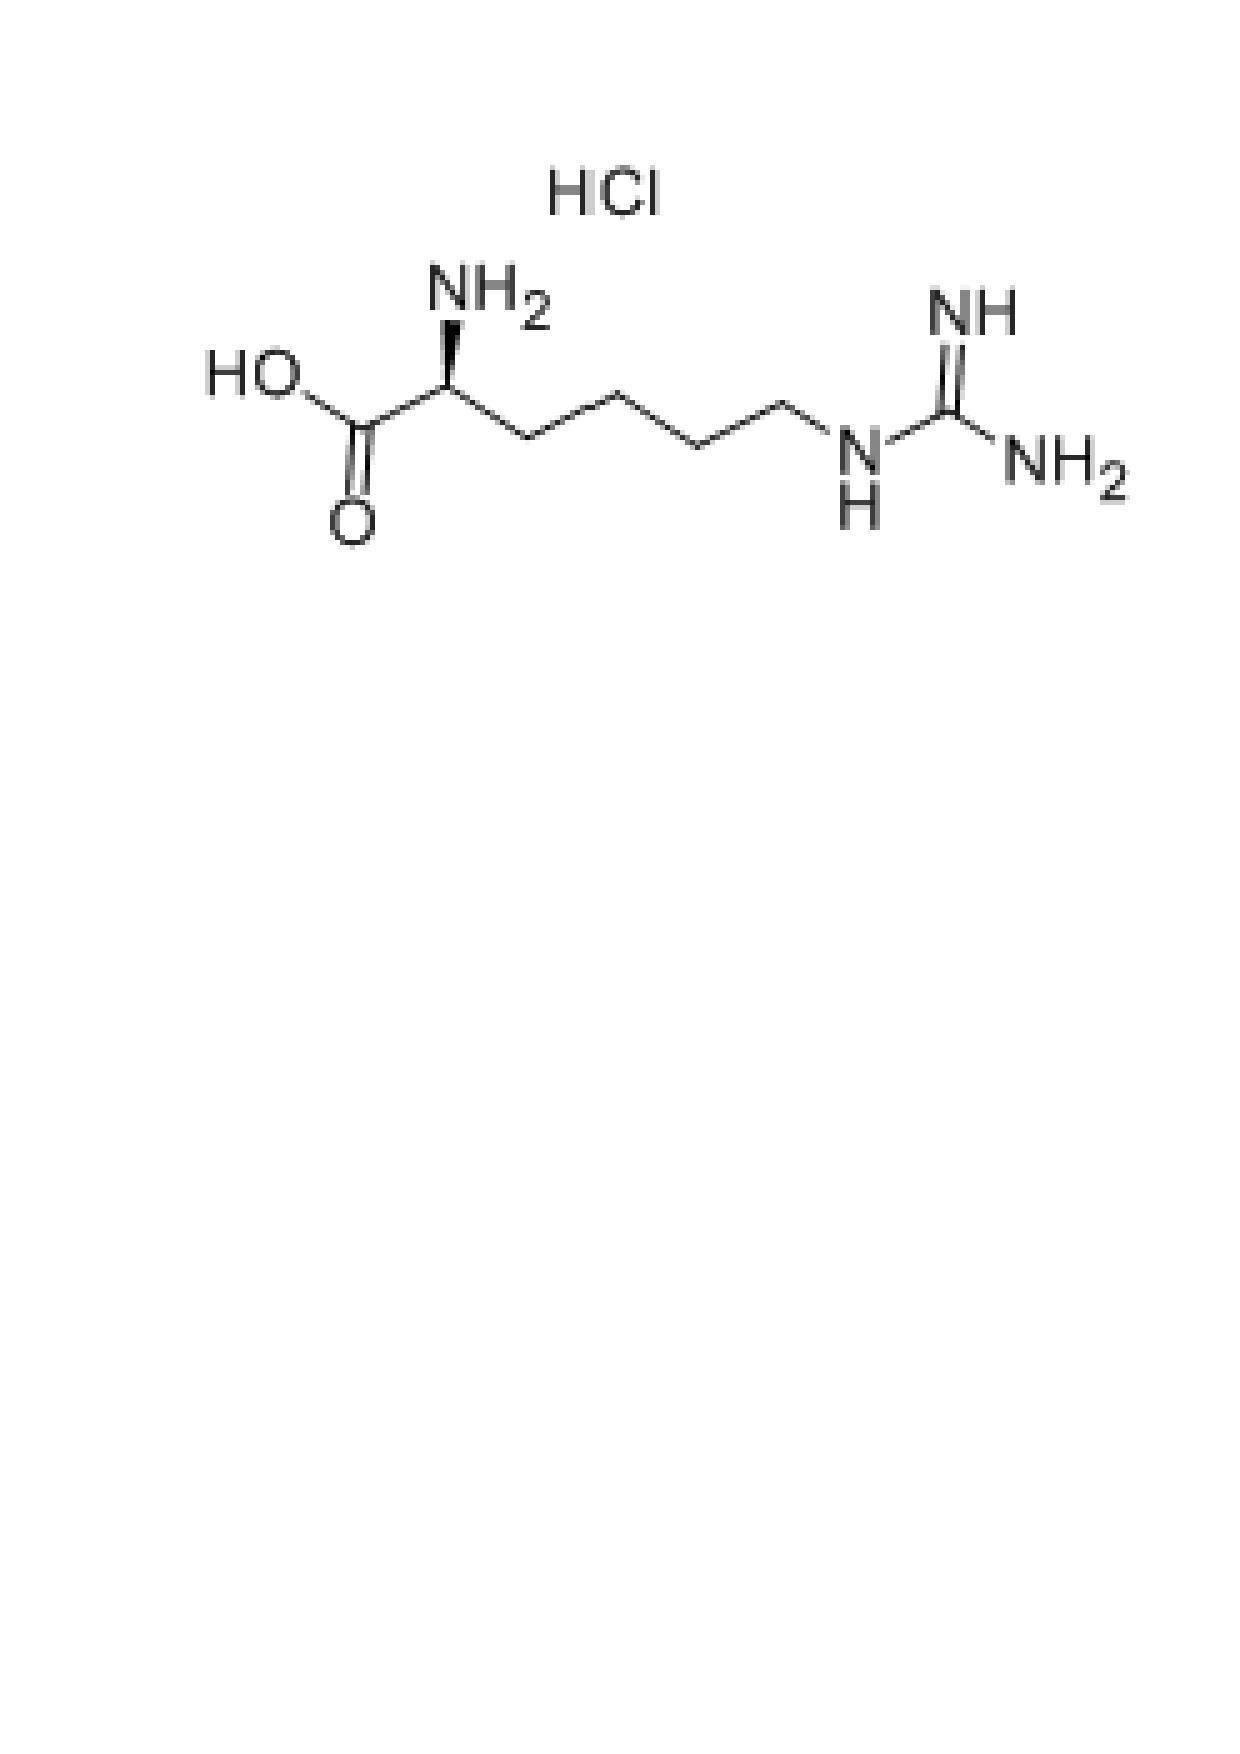 L-Homoarginine hydrochloride , cas no: 1483-01-8